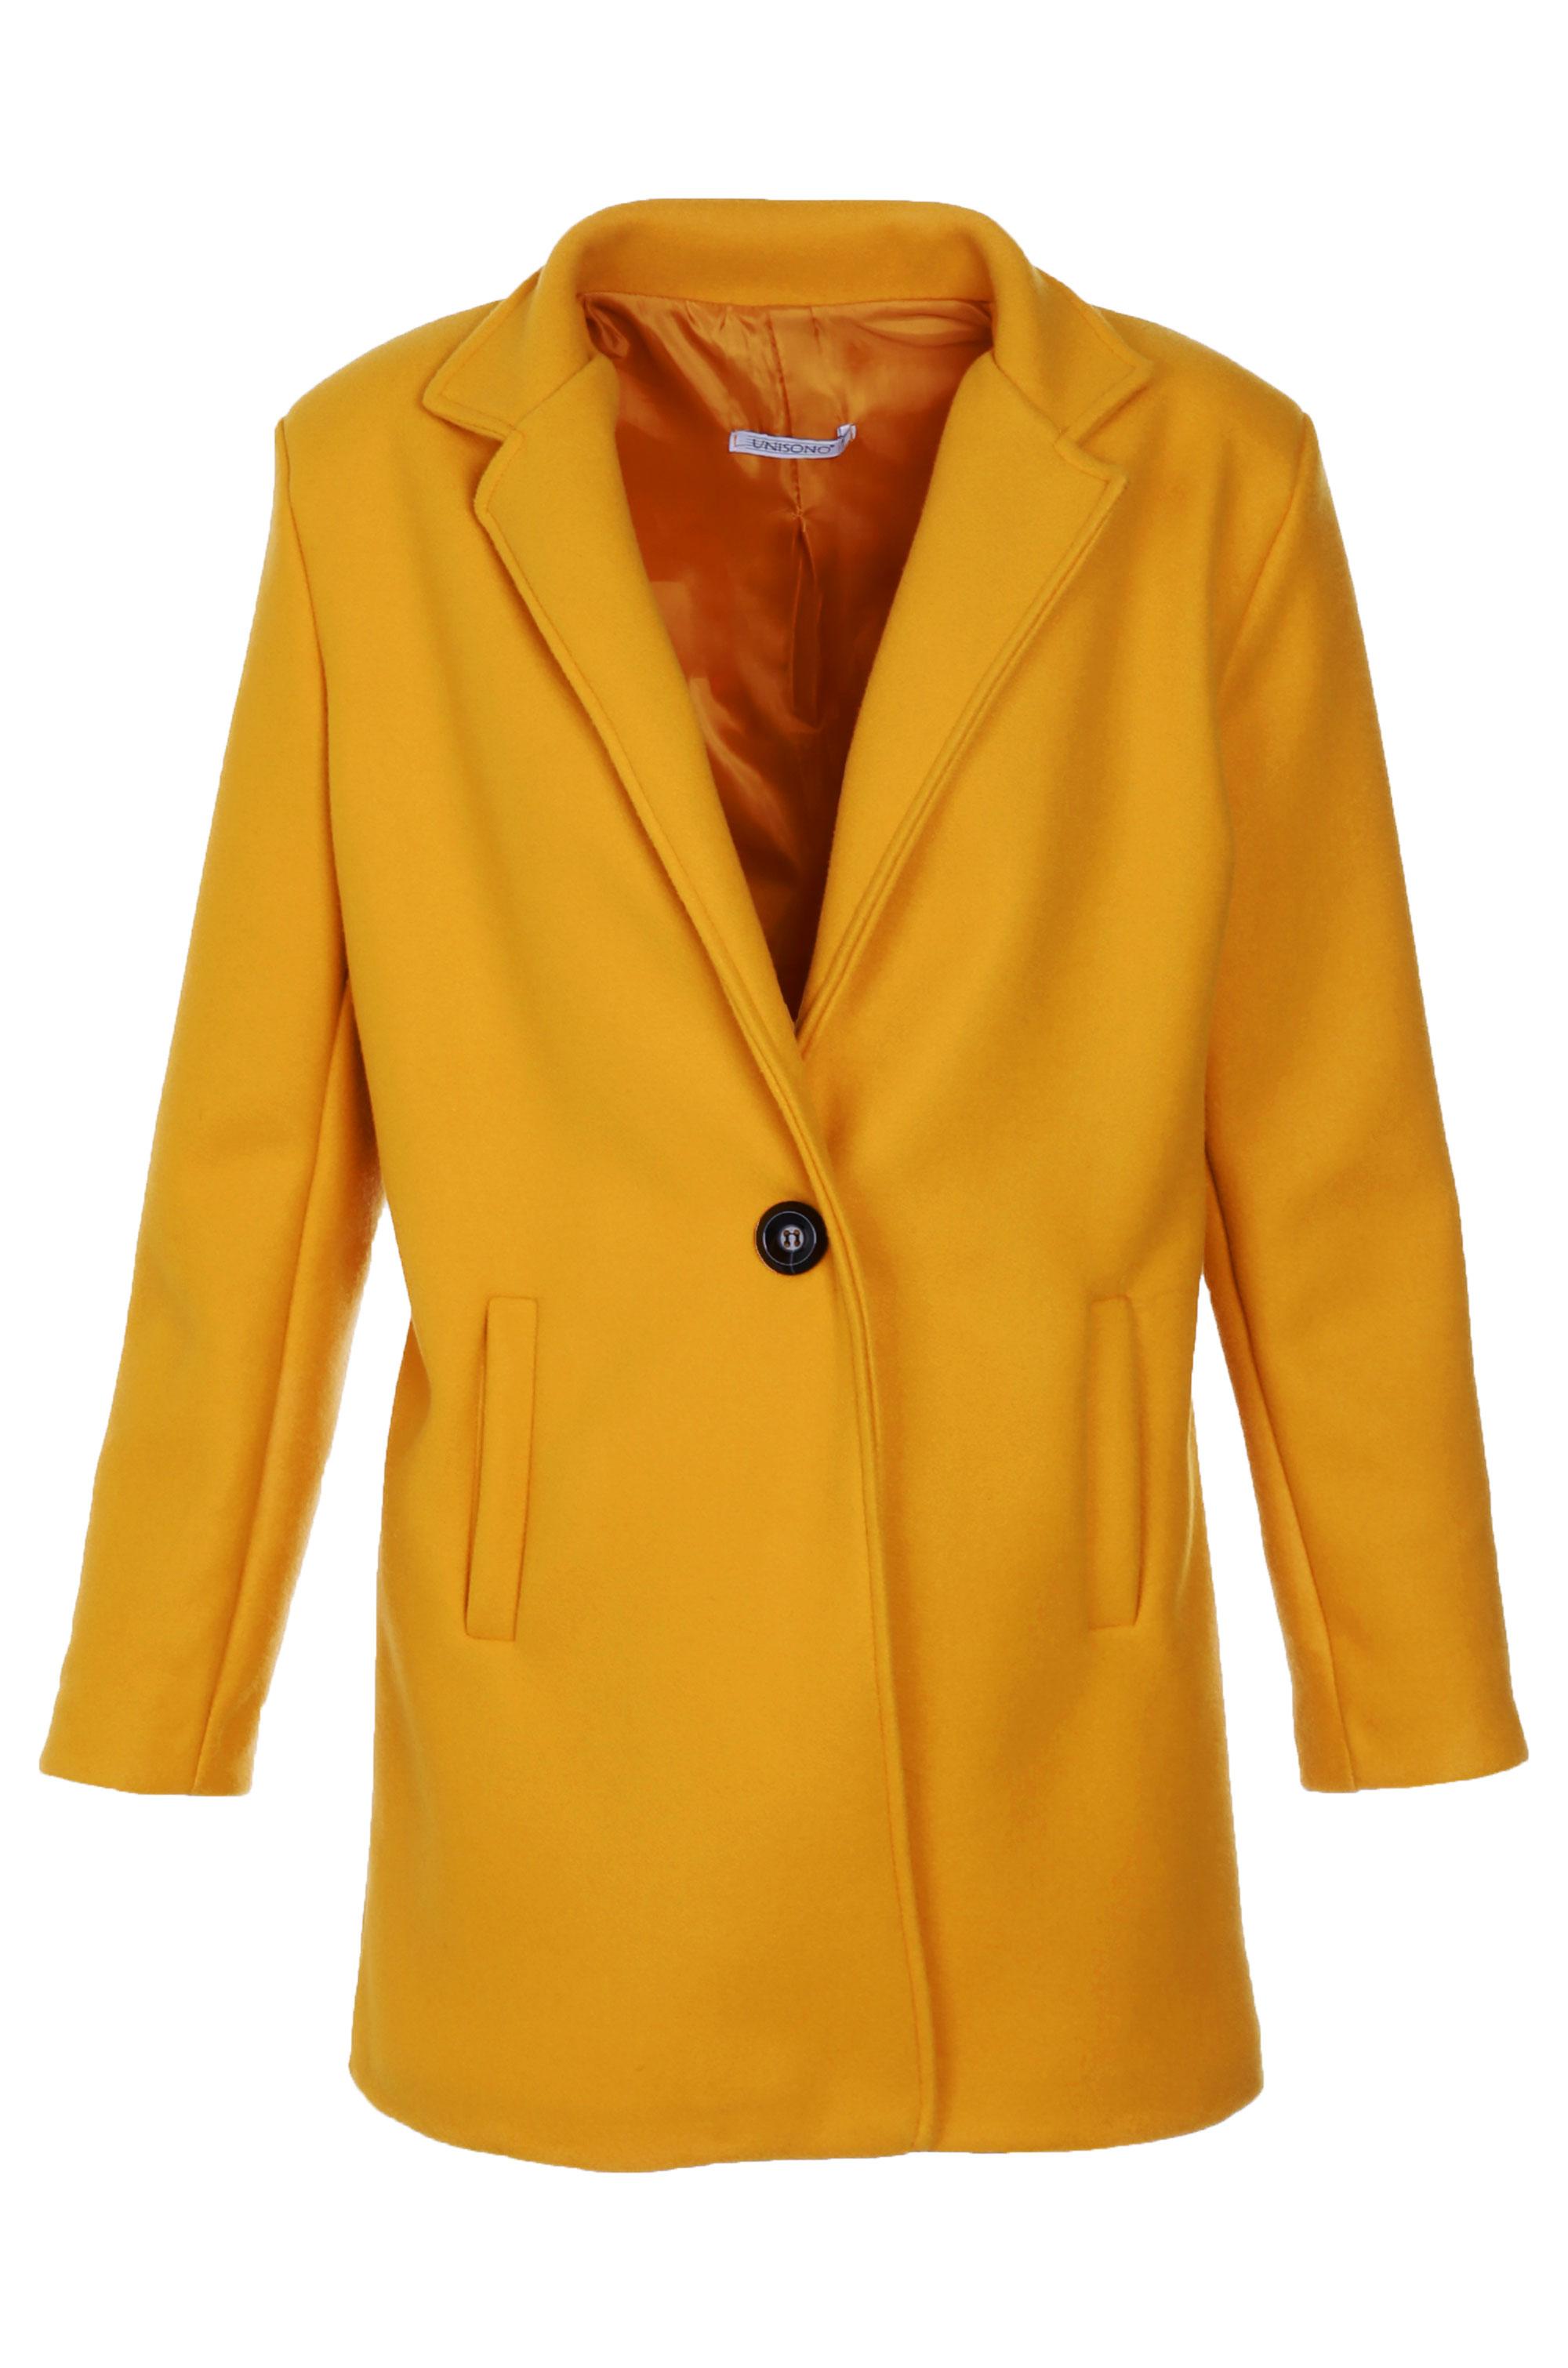 Płaszcz materiałowy - 65-6388 SENAP - Unisono